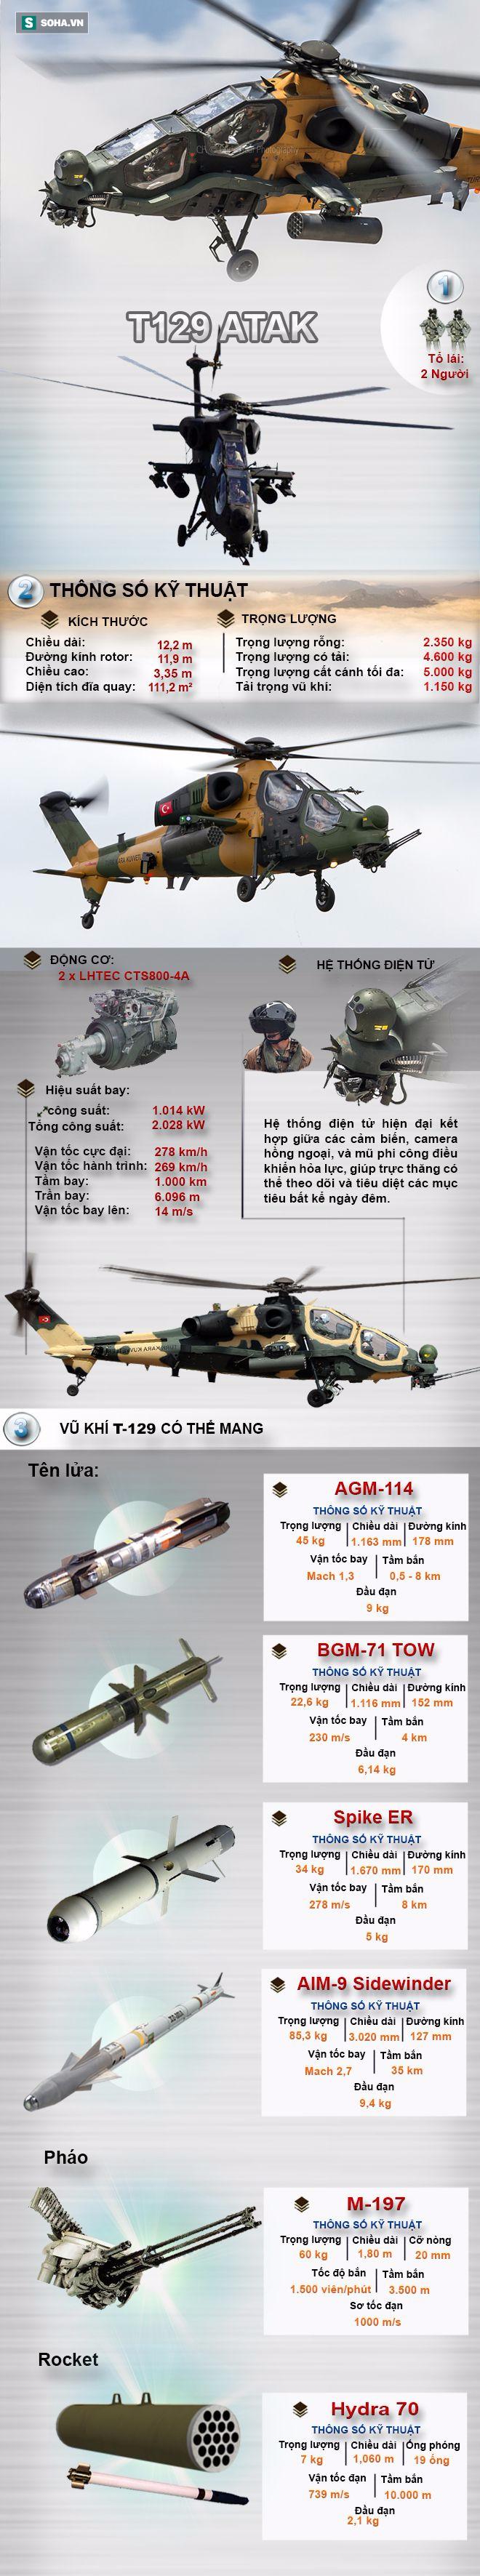 Siêu trực thăng tấn công vừa đánh bại WZ-10 của Trung Quốc mạnh đến mức nào? - Ảnh 1.